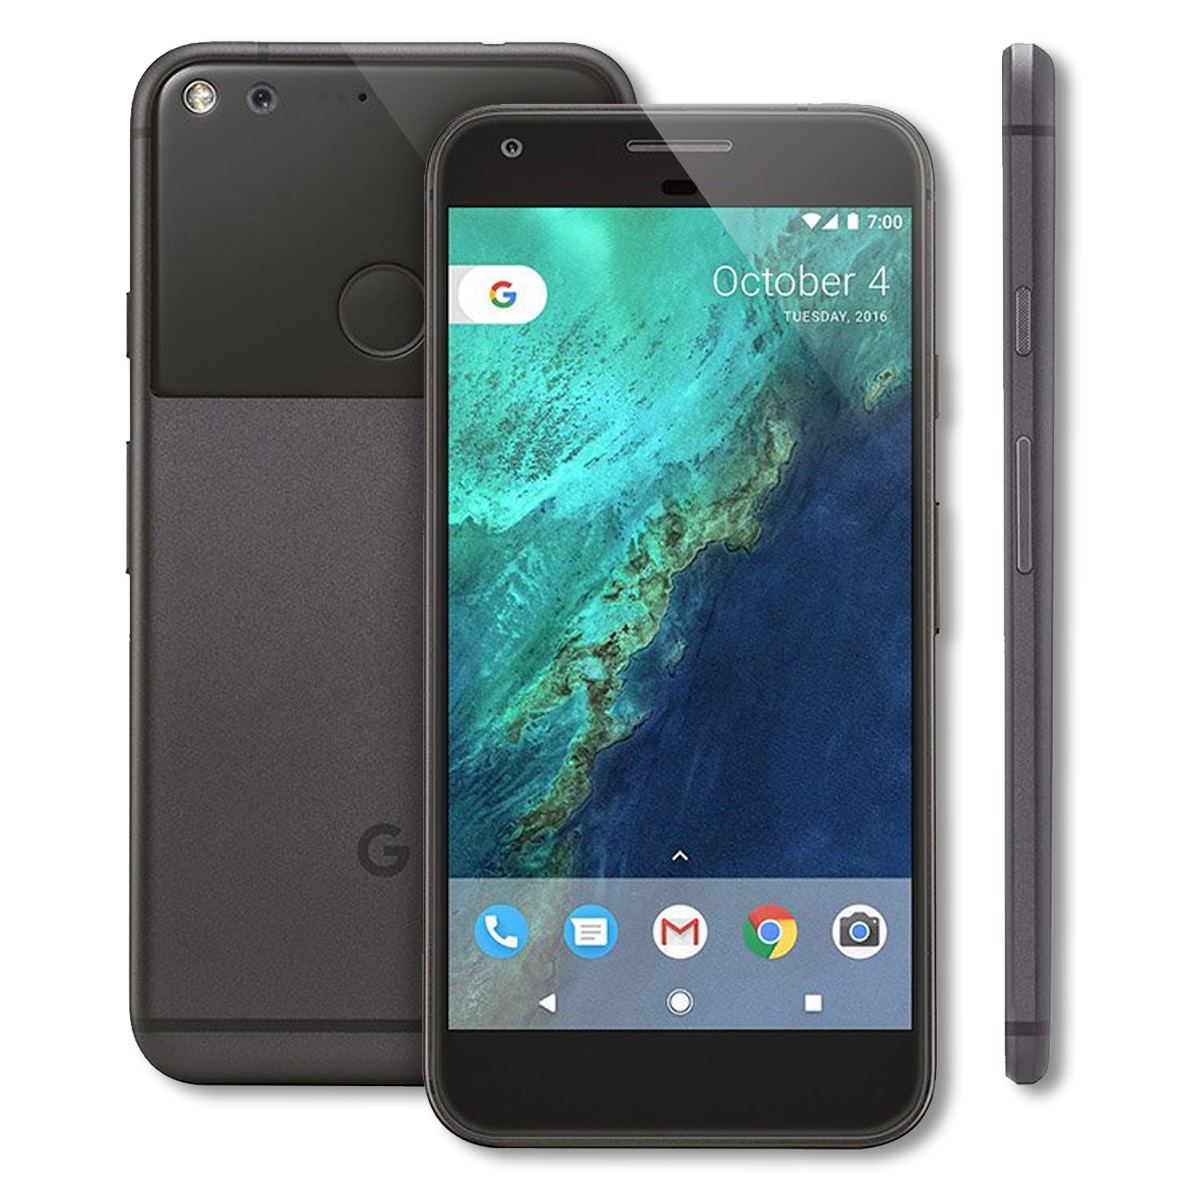 Smartphones, Carrier Unlocked Pixel Phones - Google Store